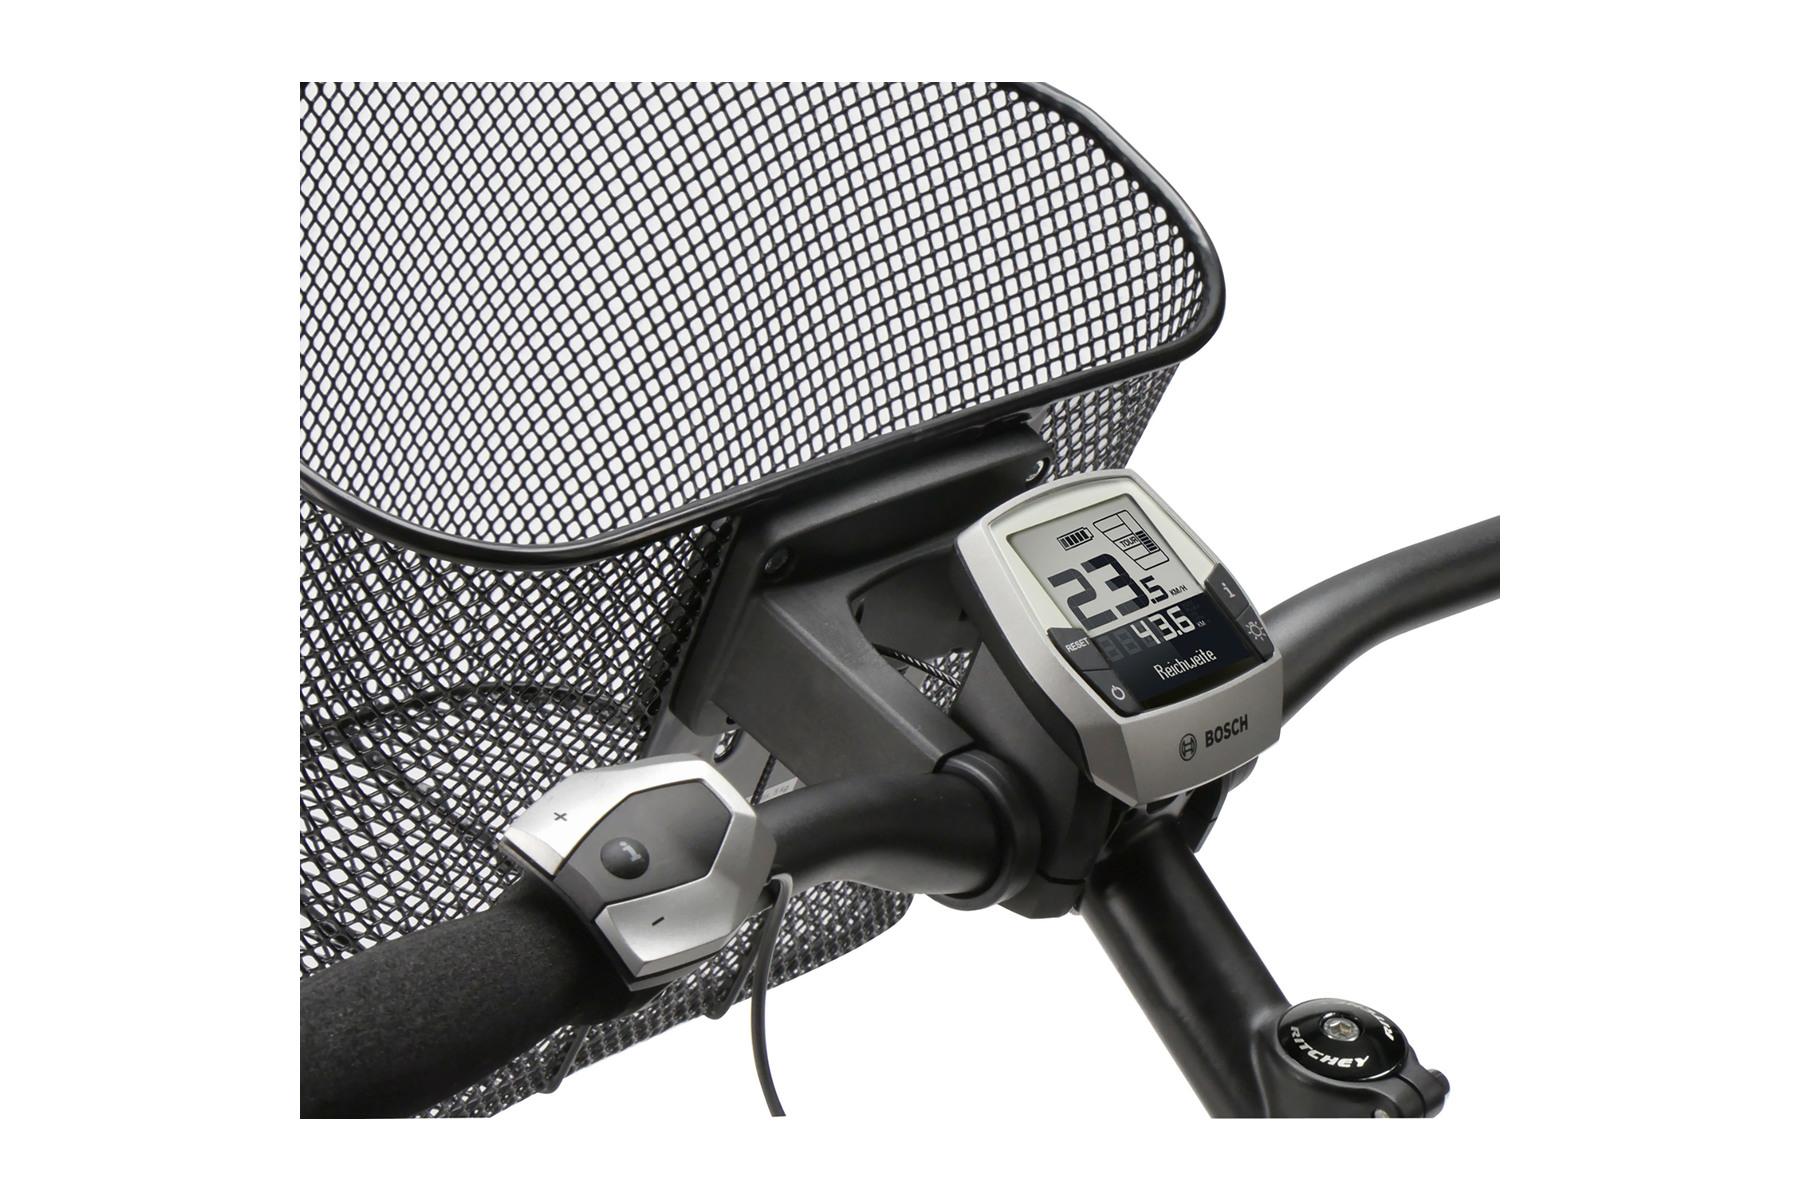 klickfix festkorb e fahrradkorb vorne kaufen rose bikes. Black Bedroom Furniture Sets. Home Design Ideas